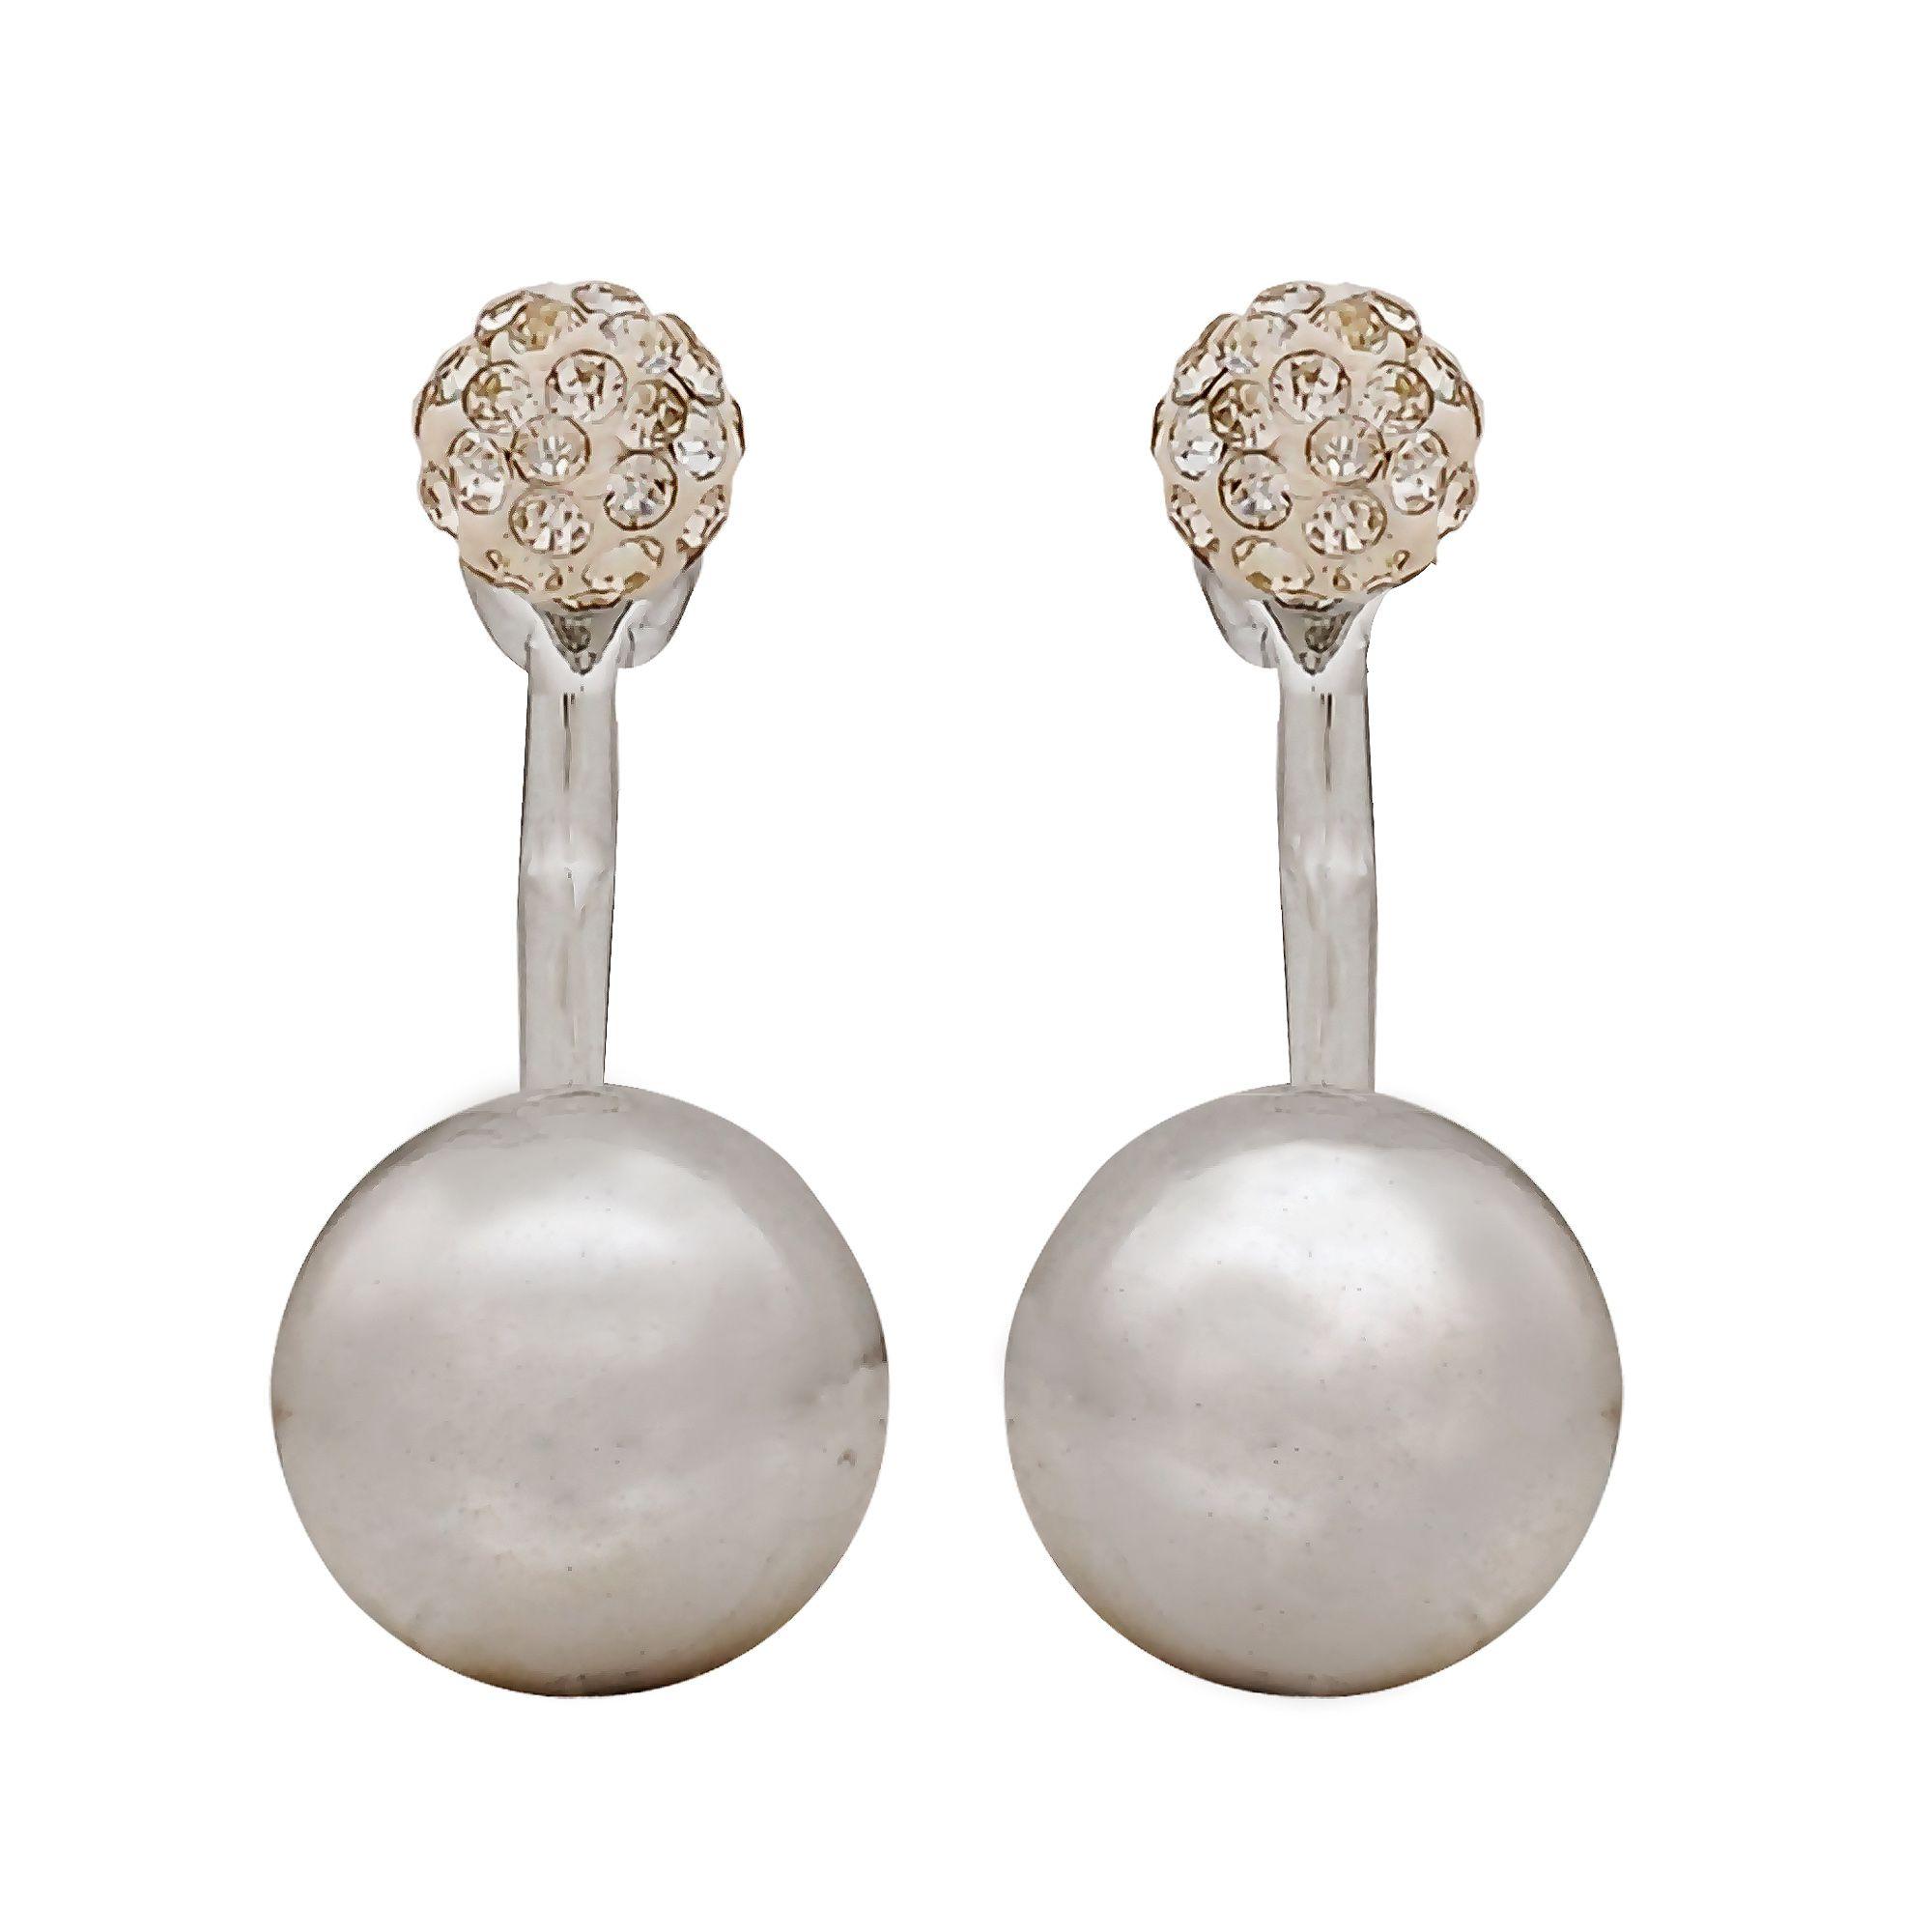 FOR-U Crystal Stone Earrings Silver Ear Cuffs Dailywear Office Jewellery